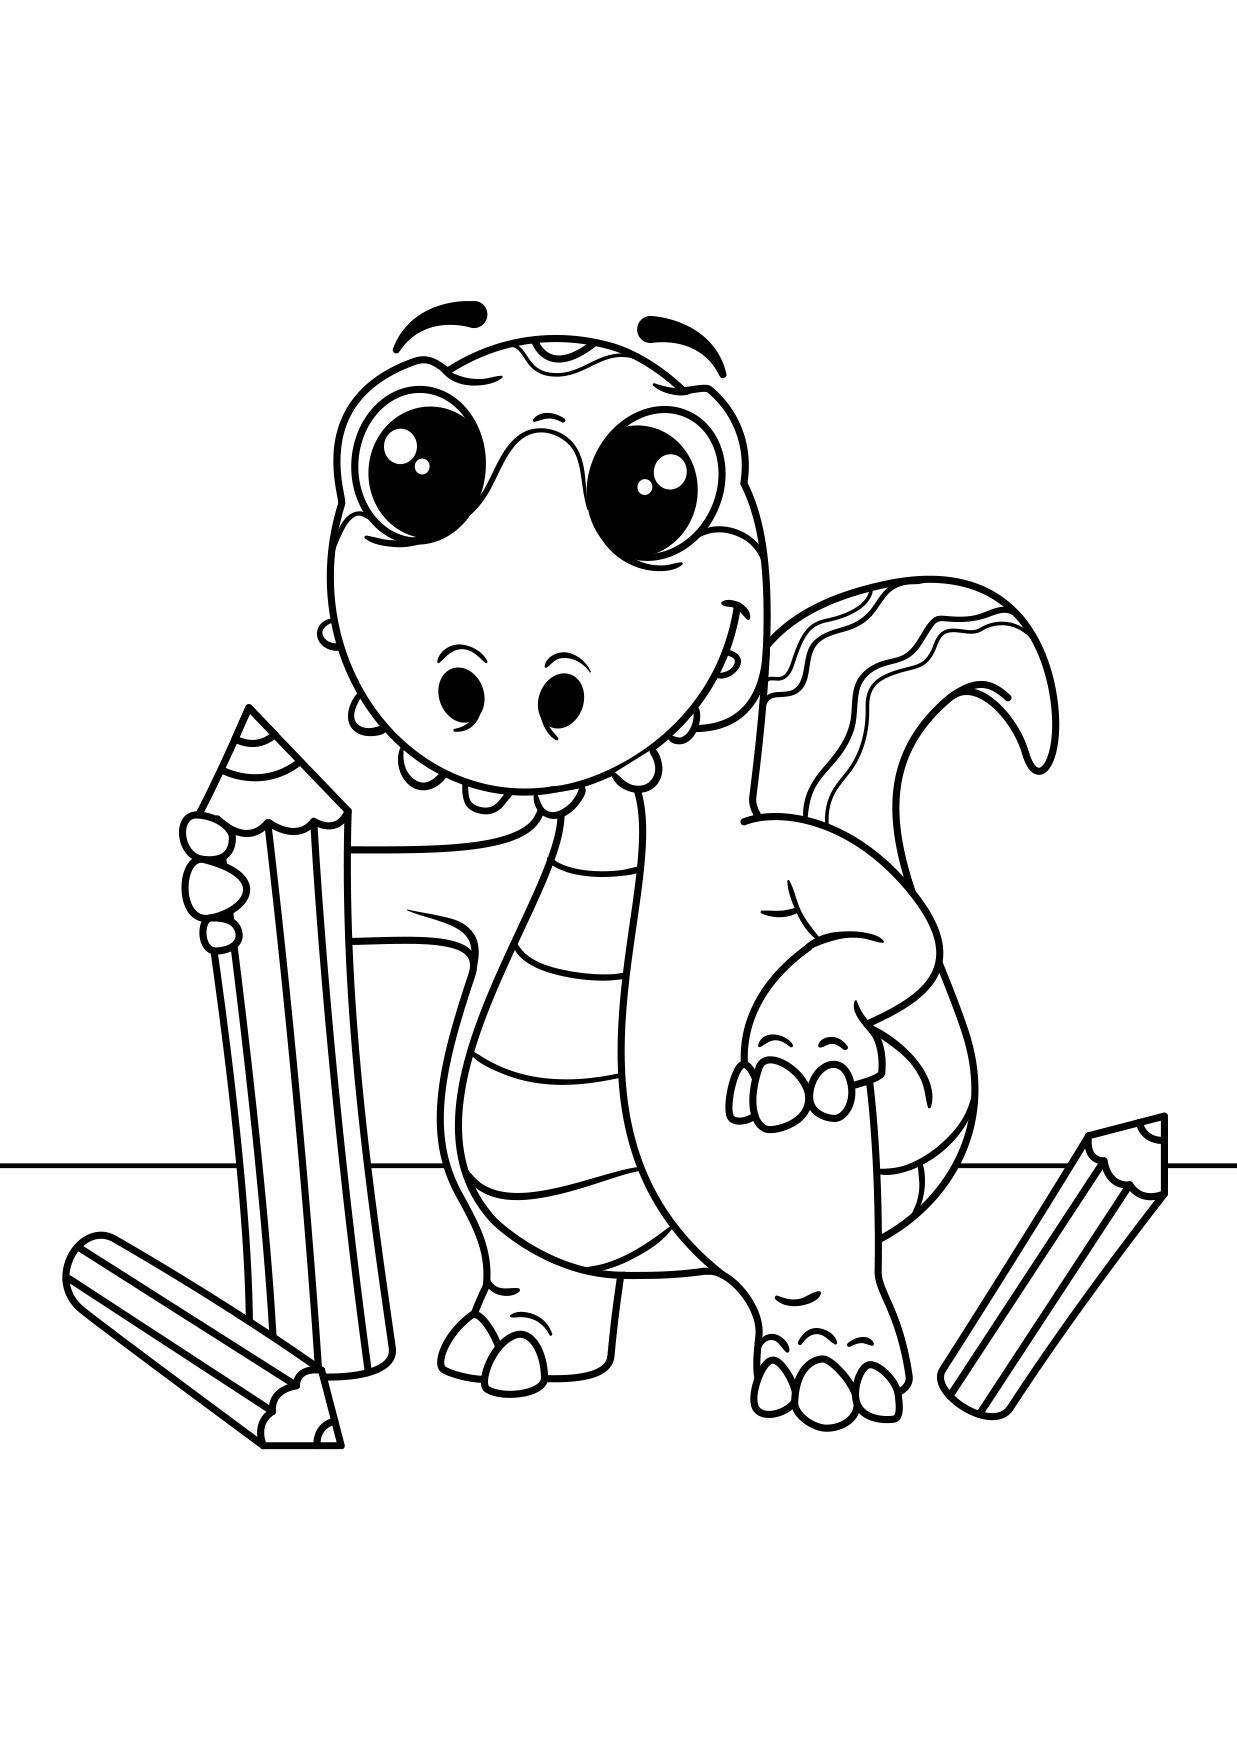 Malvorlage Dinosaurier zeichnet - Kostenlose Ausmalbilder